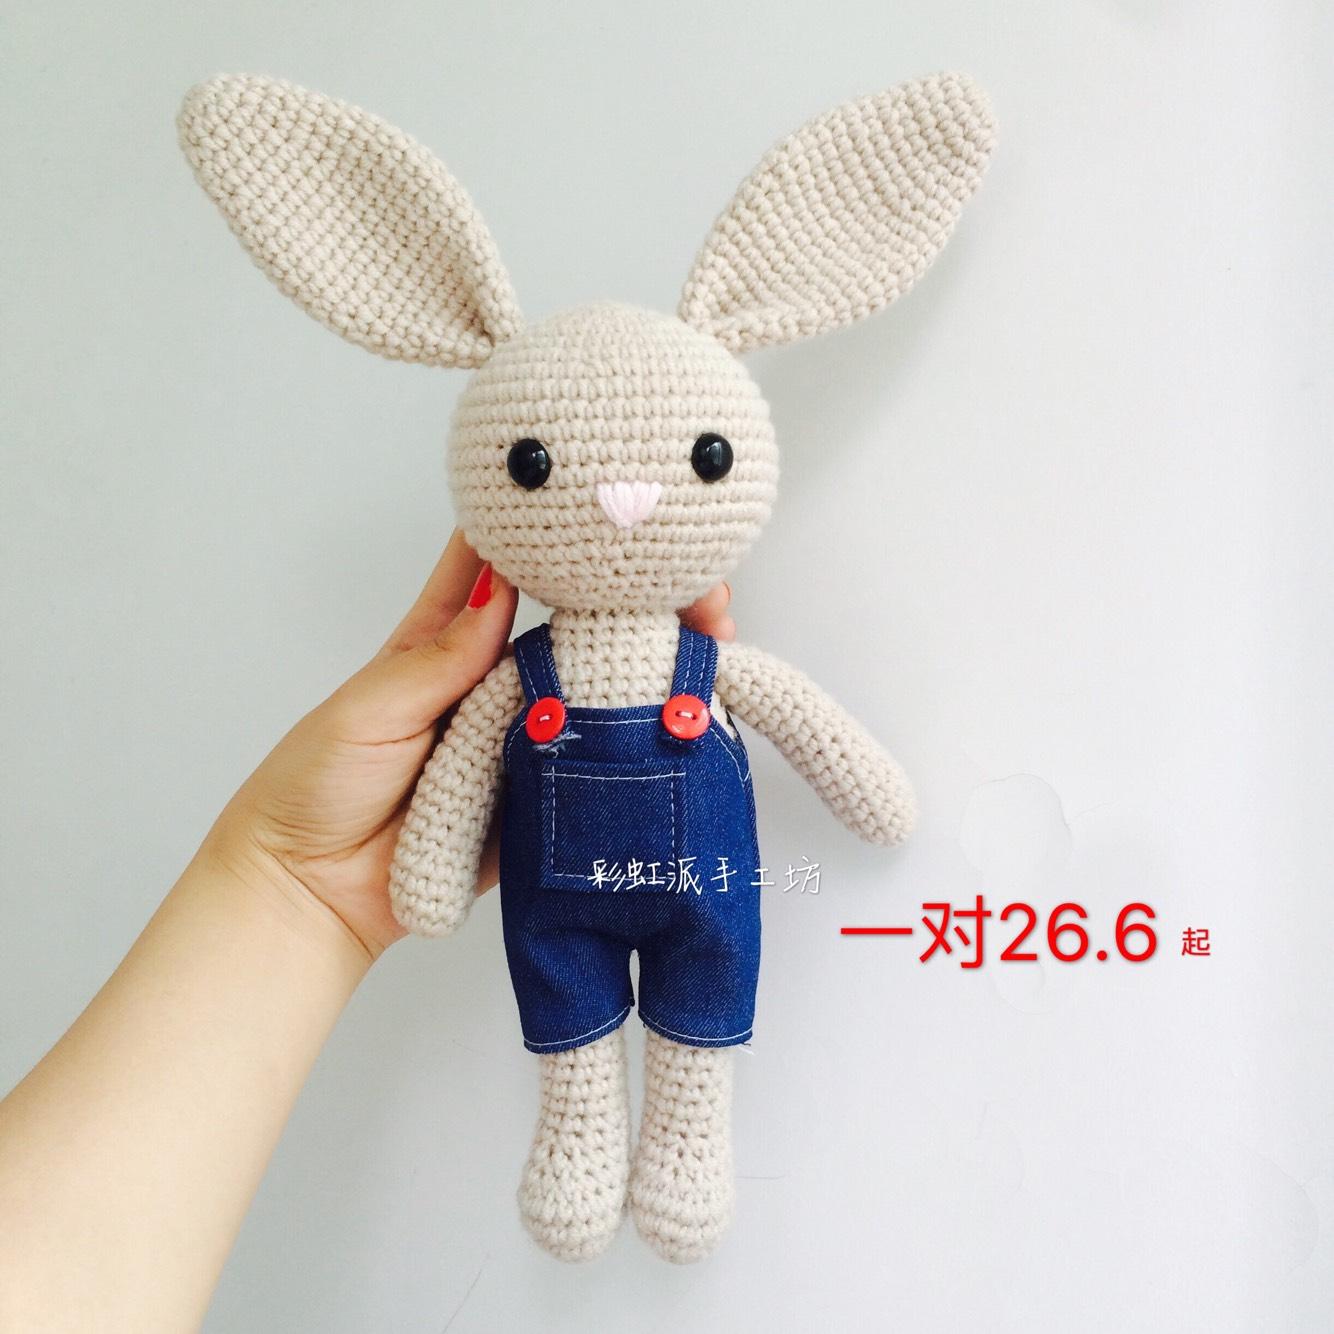 Diy ручной работы вязание крючком ткать шерстяной куклы нагрудник длинные уши кроликов материалы творческий подарок подарок специальное предложение